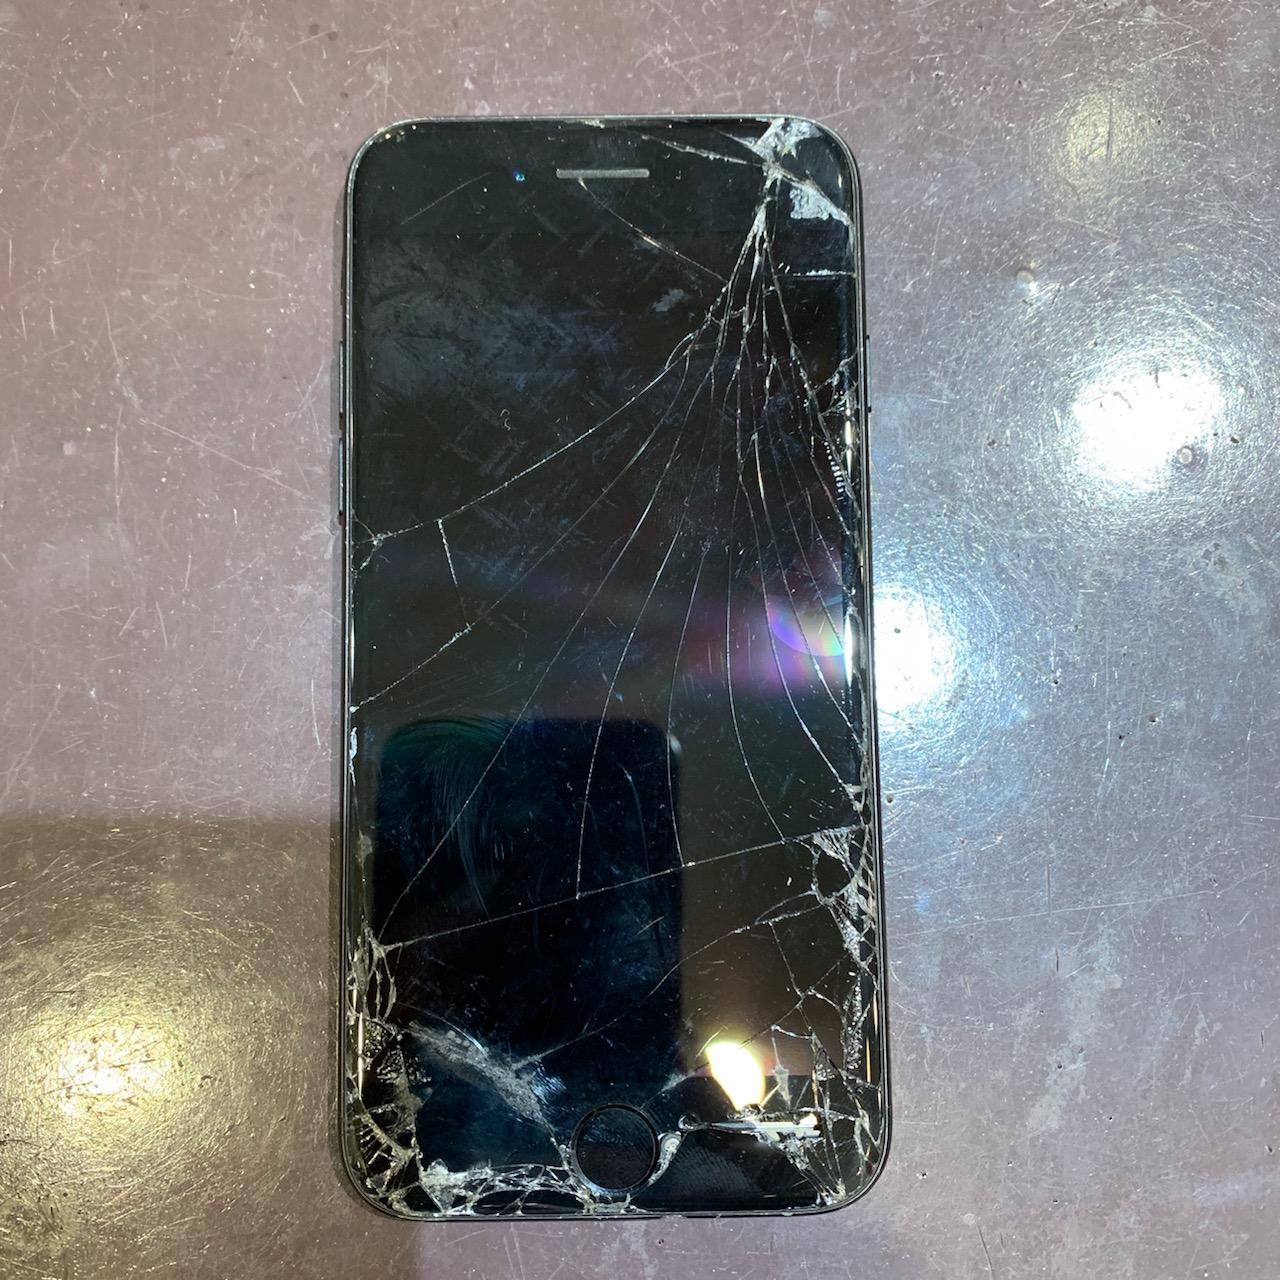 アイフォンの画面がバキバキに、、、iPhoneの事で困った時はスマートクールイオンモール伊丹店まで!!<宝塚市からお越しのお客様>TEL:072-767-1011